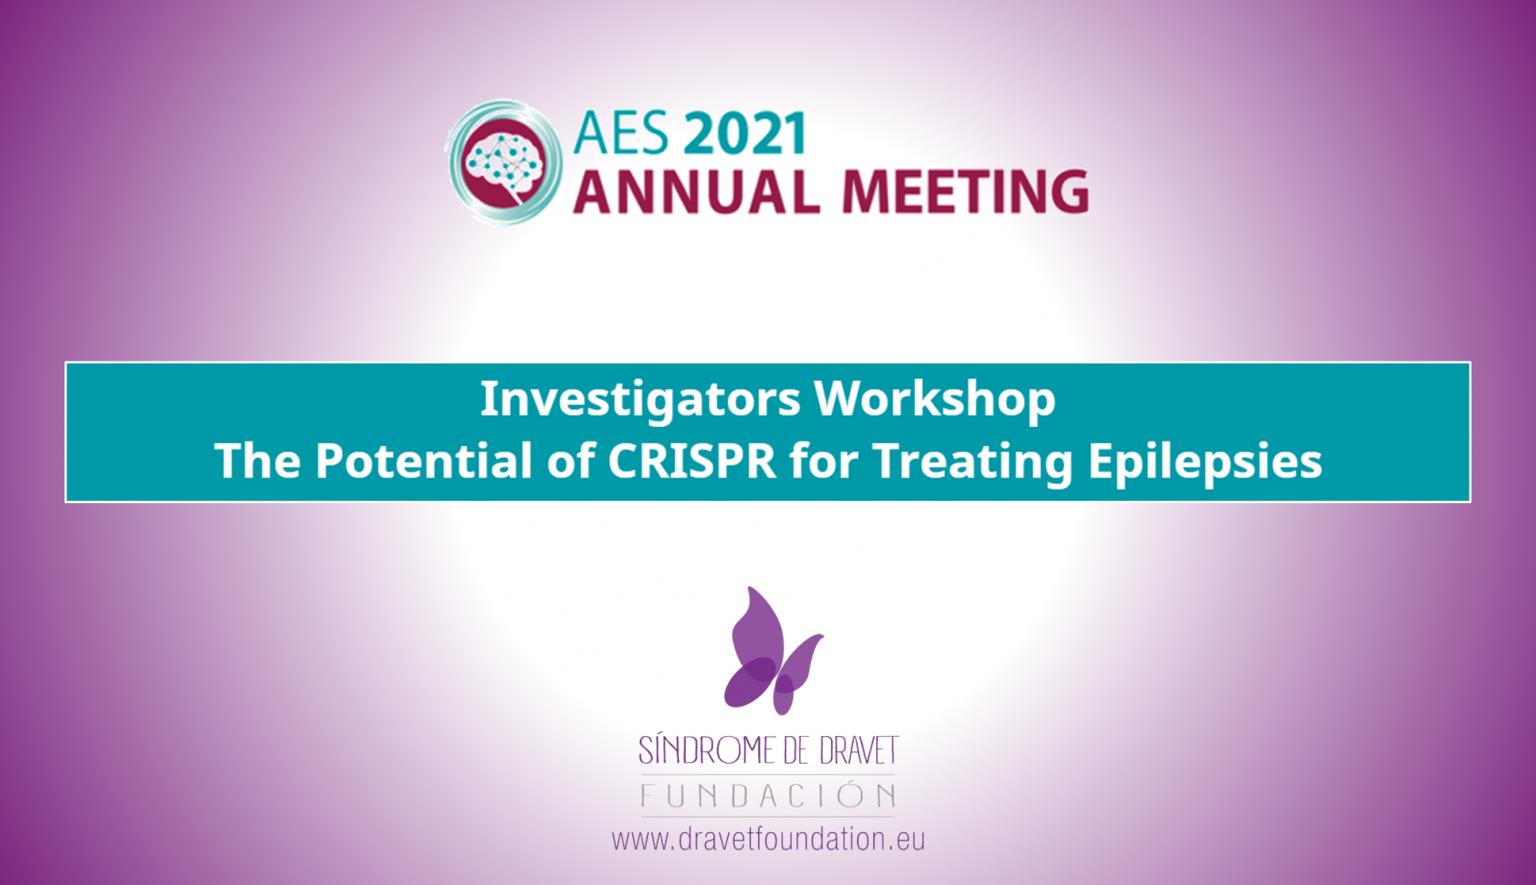 El potencial de CRISPR para tratar las epilepsias